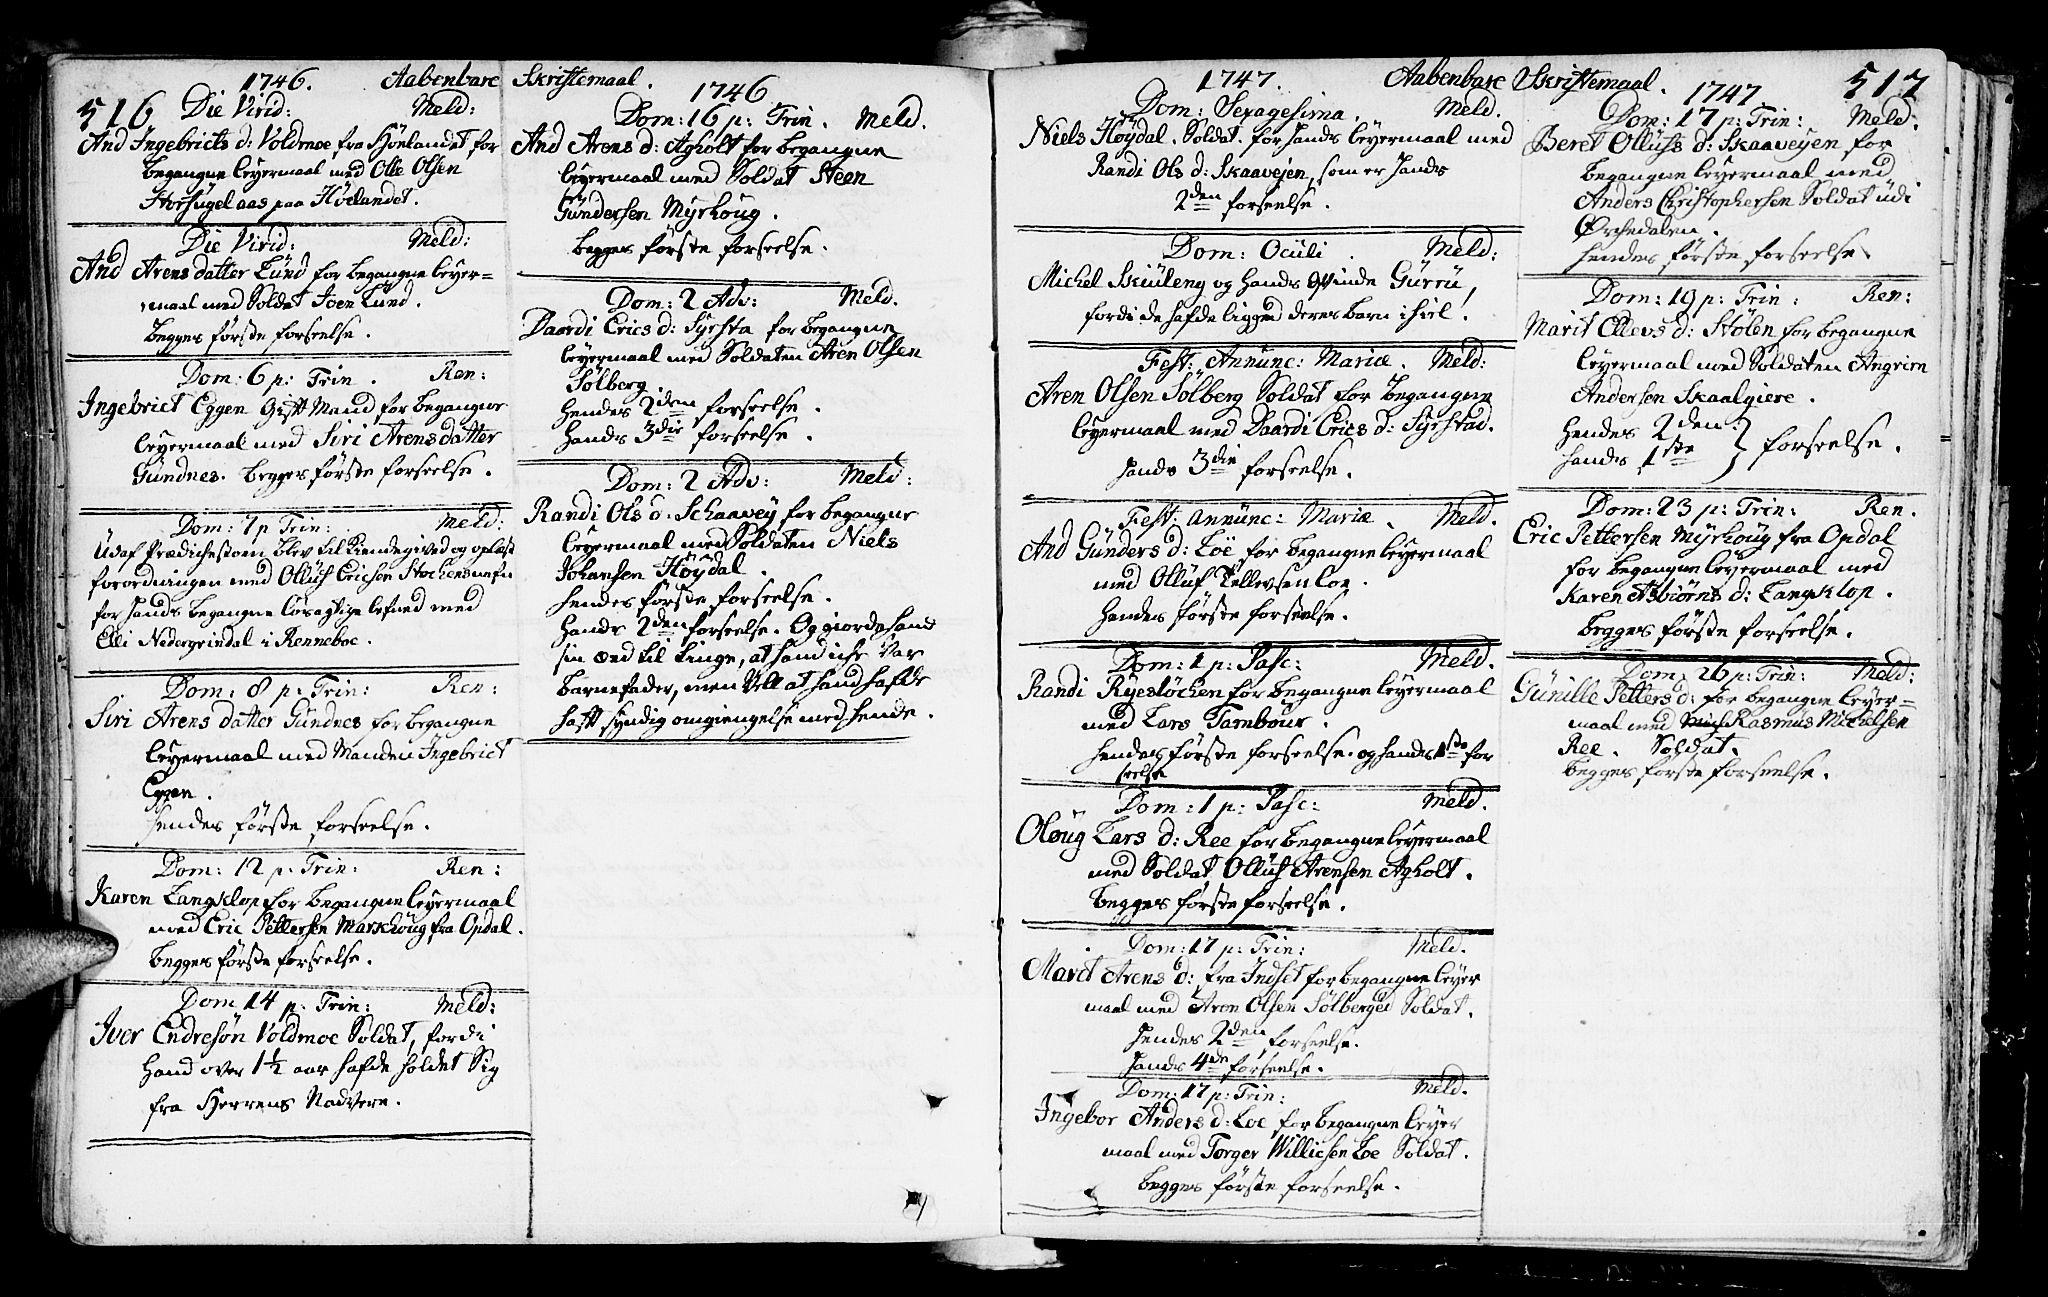 SAT, Ministerialprotokoller, klokkerbøker og fødselsregistre - Sør-Trøndelag, 672/L0850: Ministerialbok nr. 672A03, 1725-1751, s. 516-517